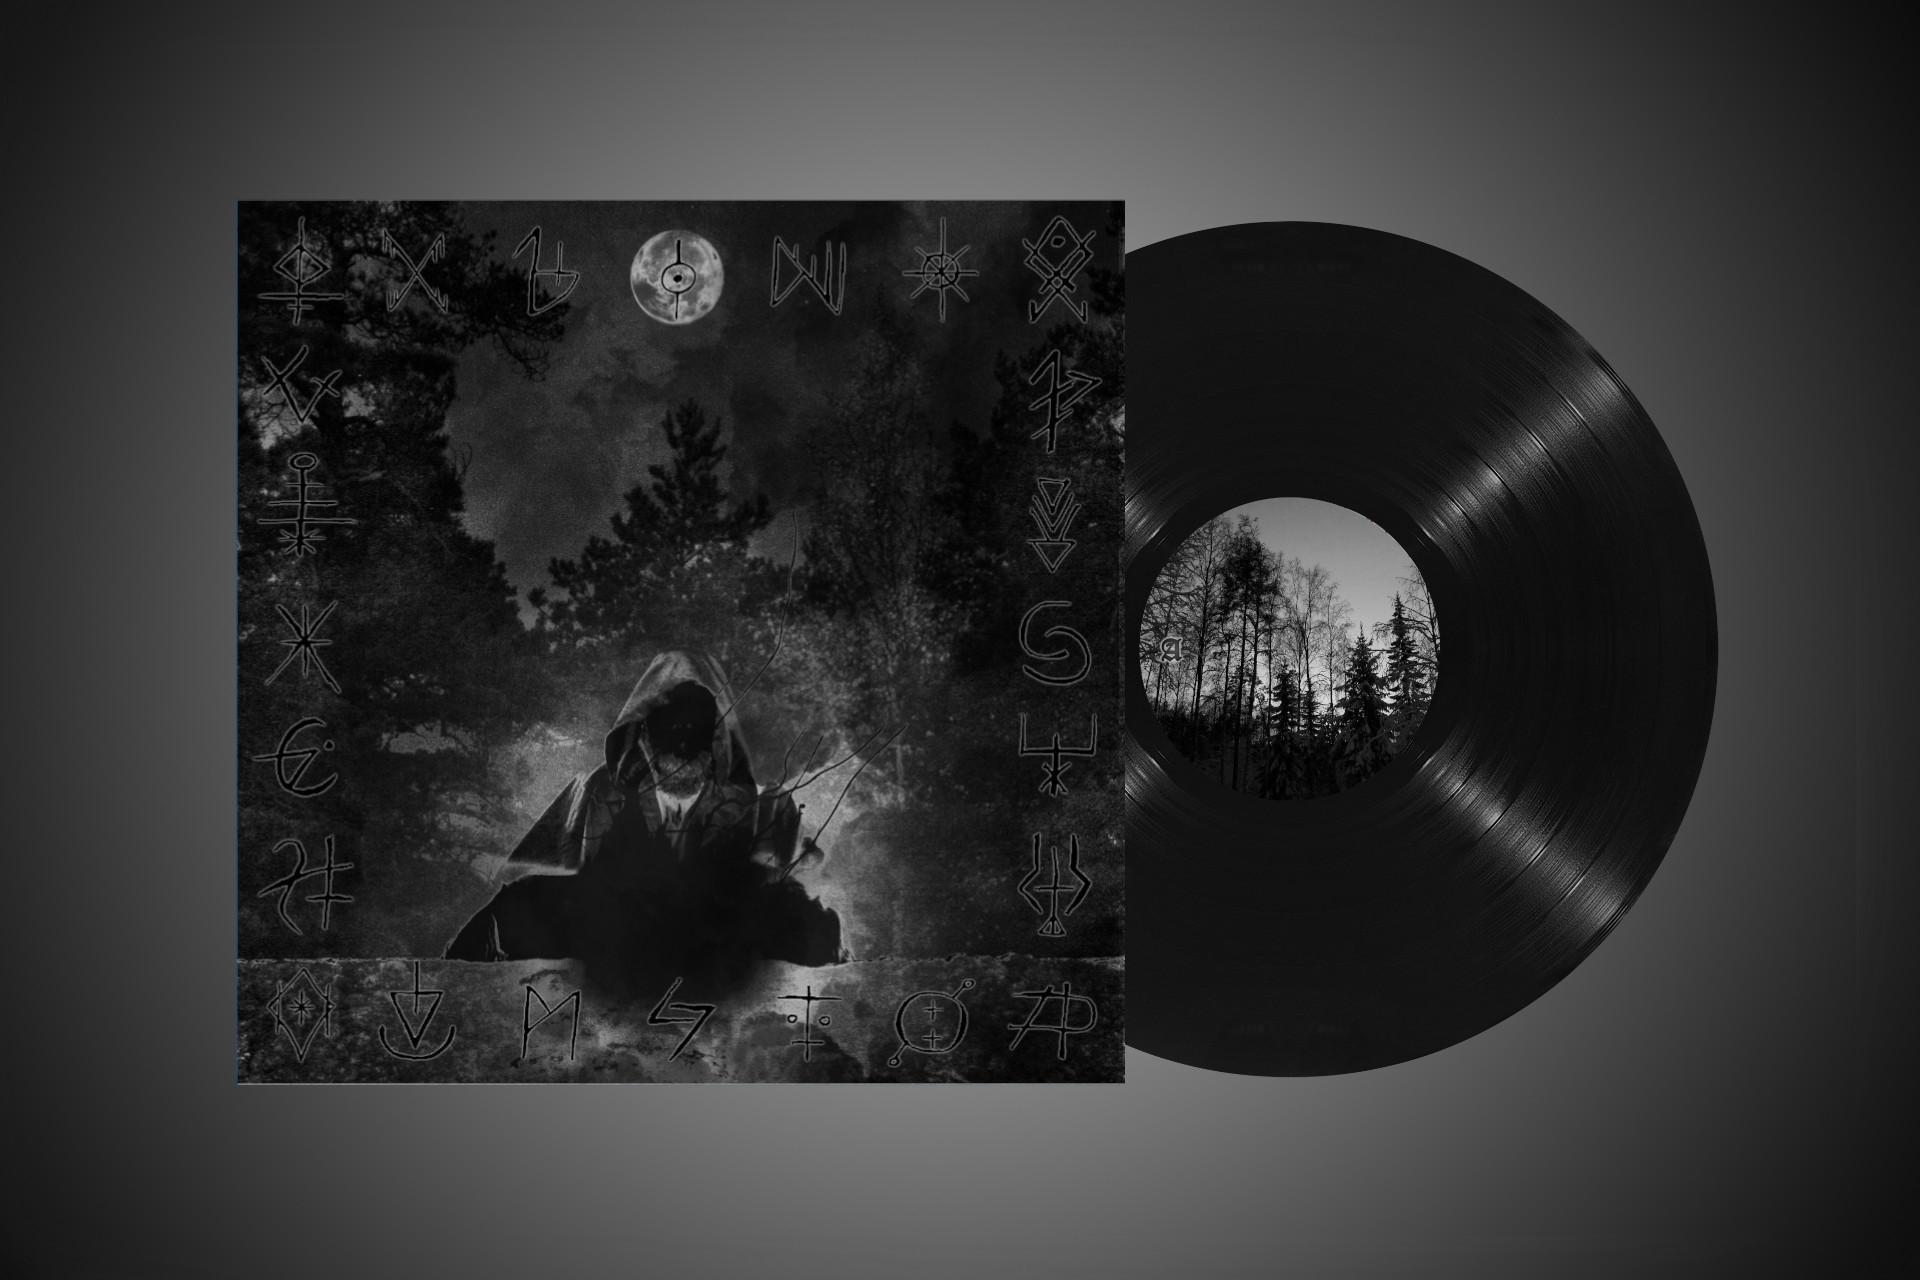 HAXAN DREAMS – Dawn LP